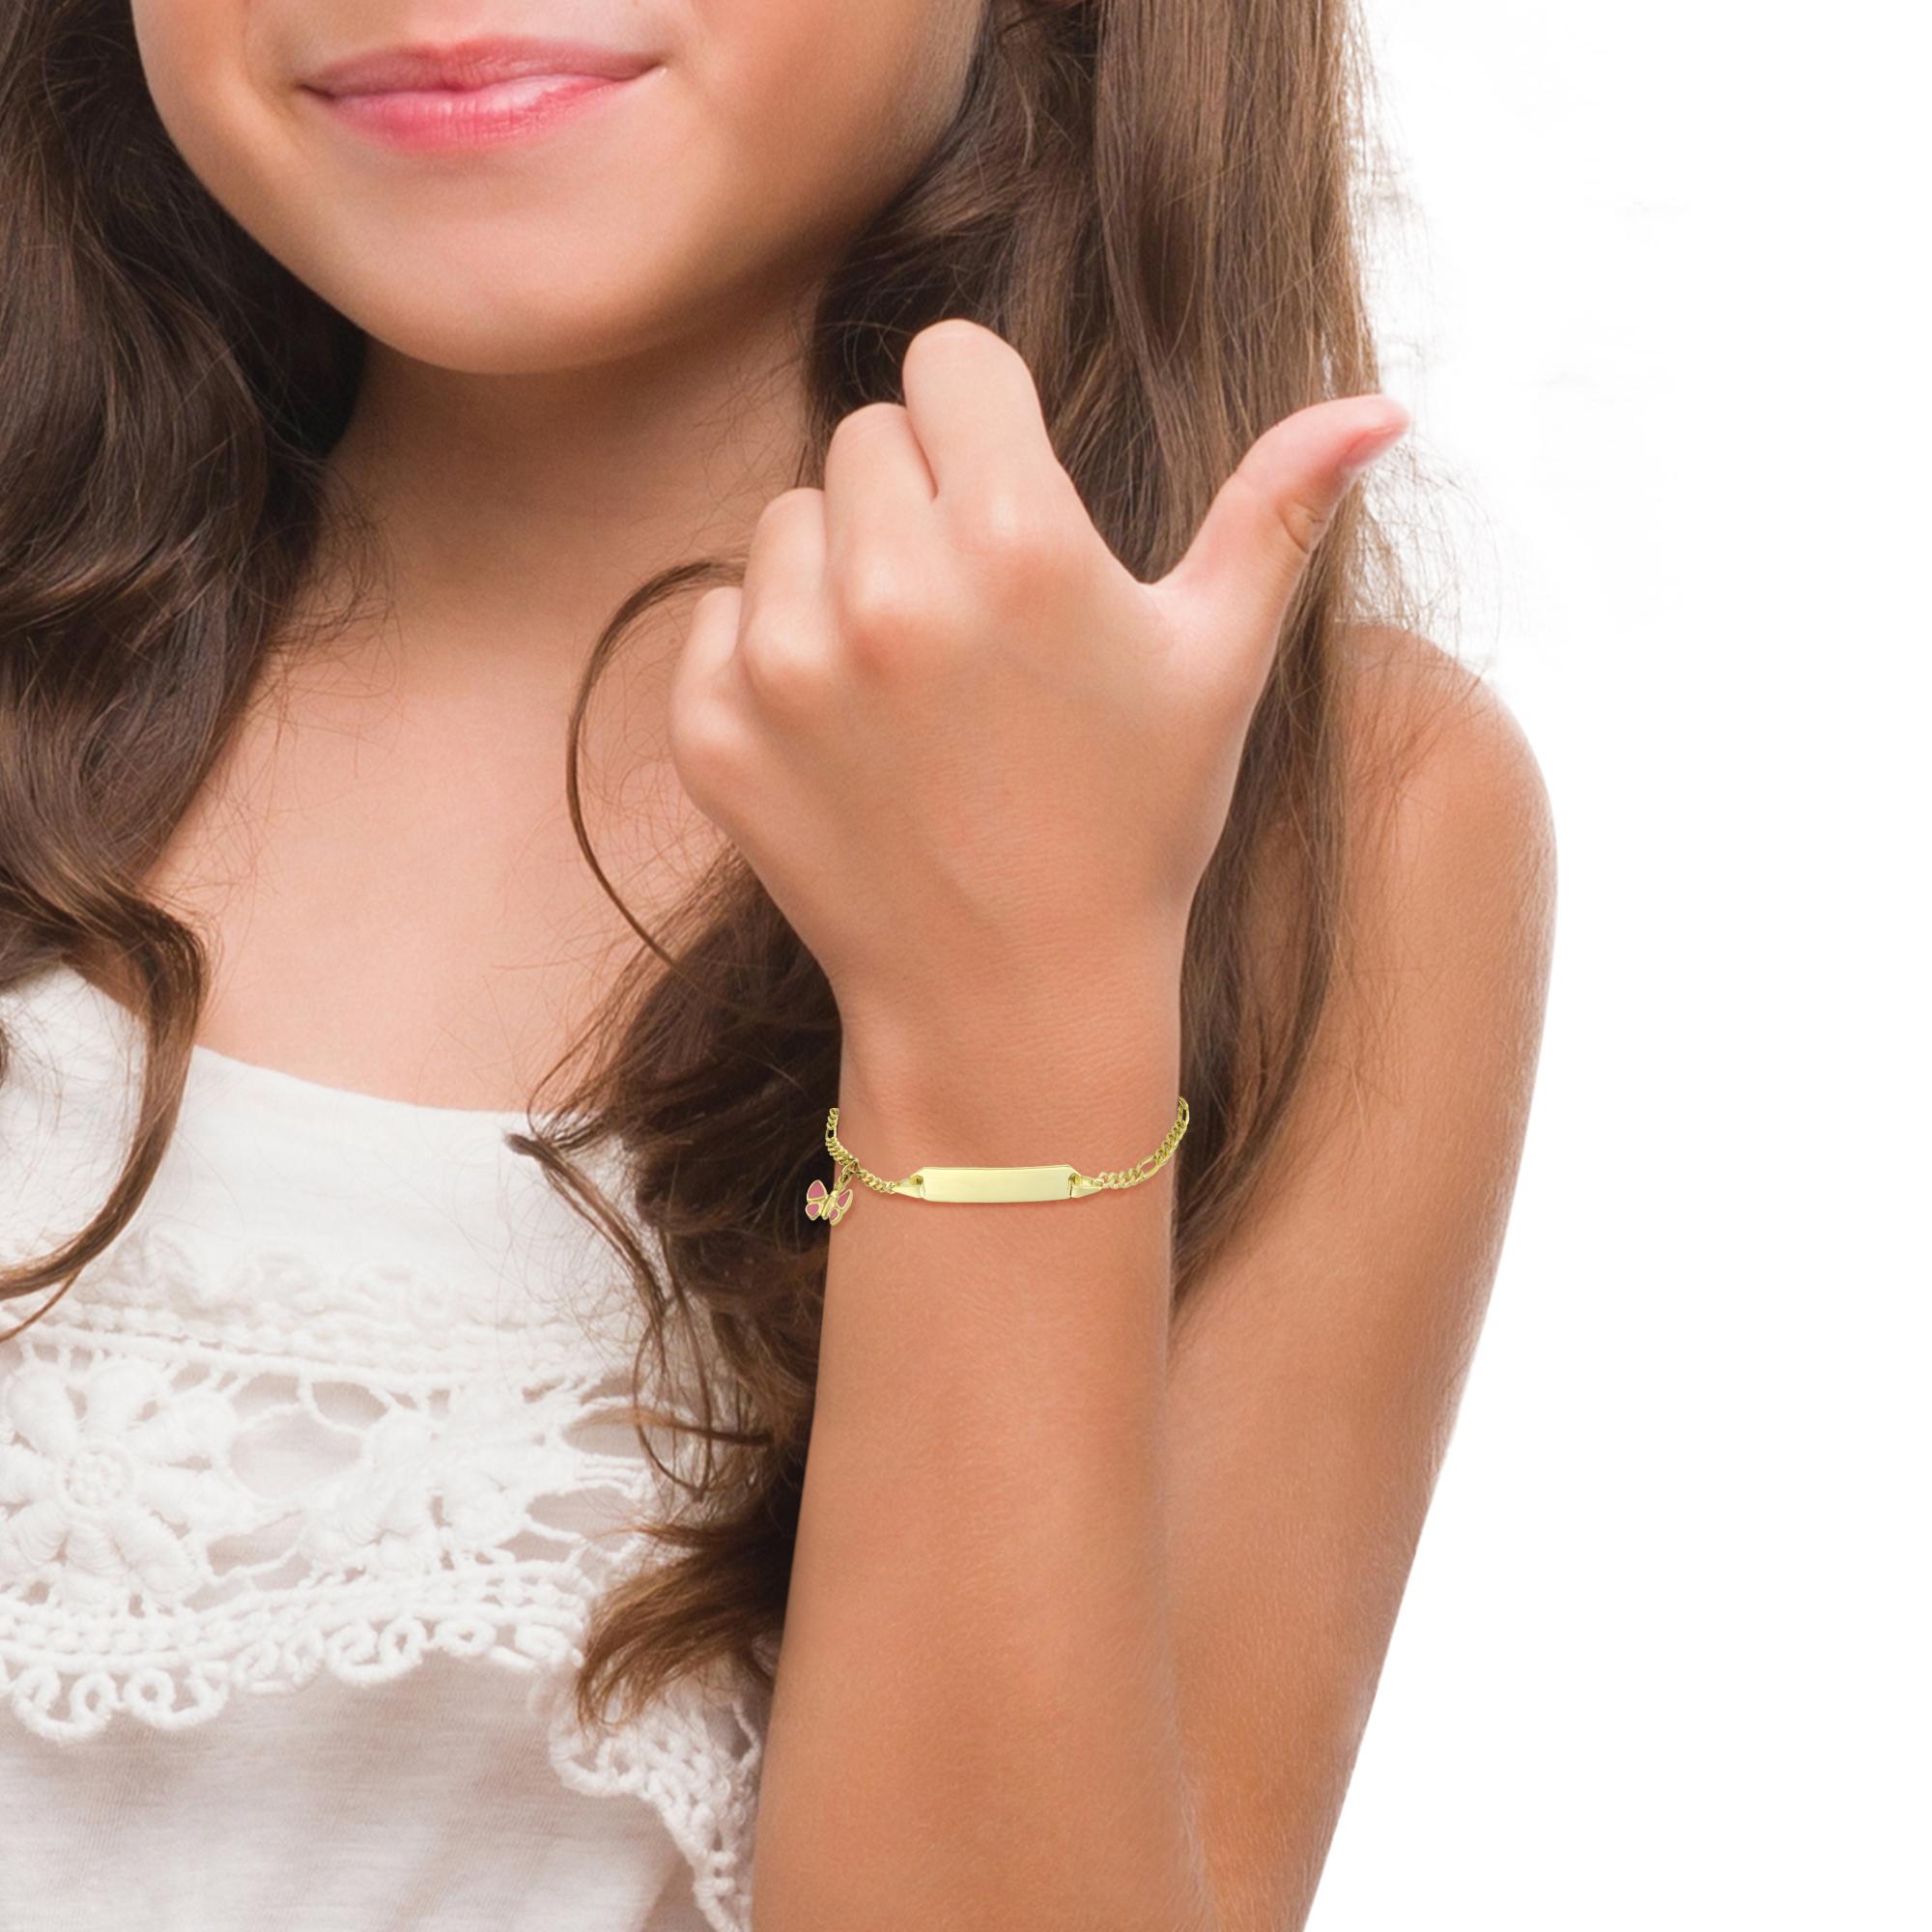 Identarmband für Mädchen, Gold 375, Schmetterling